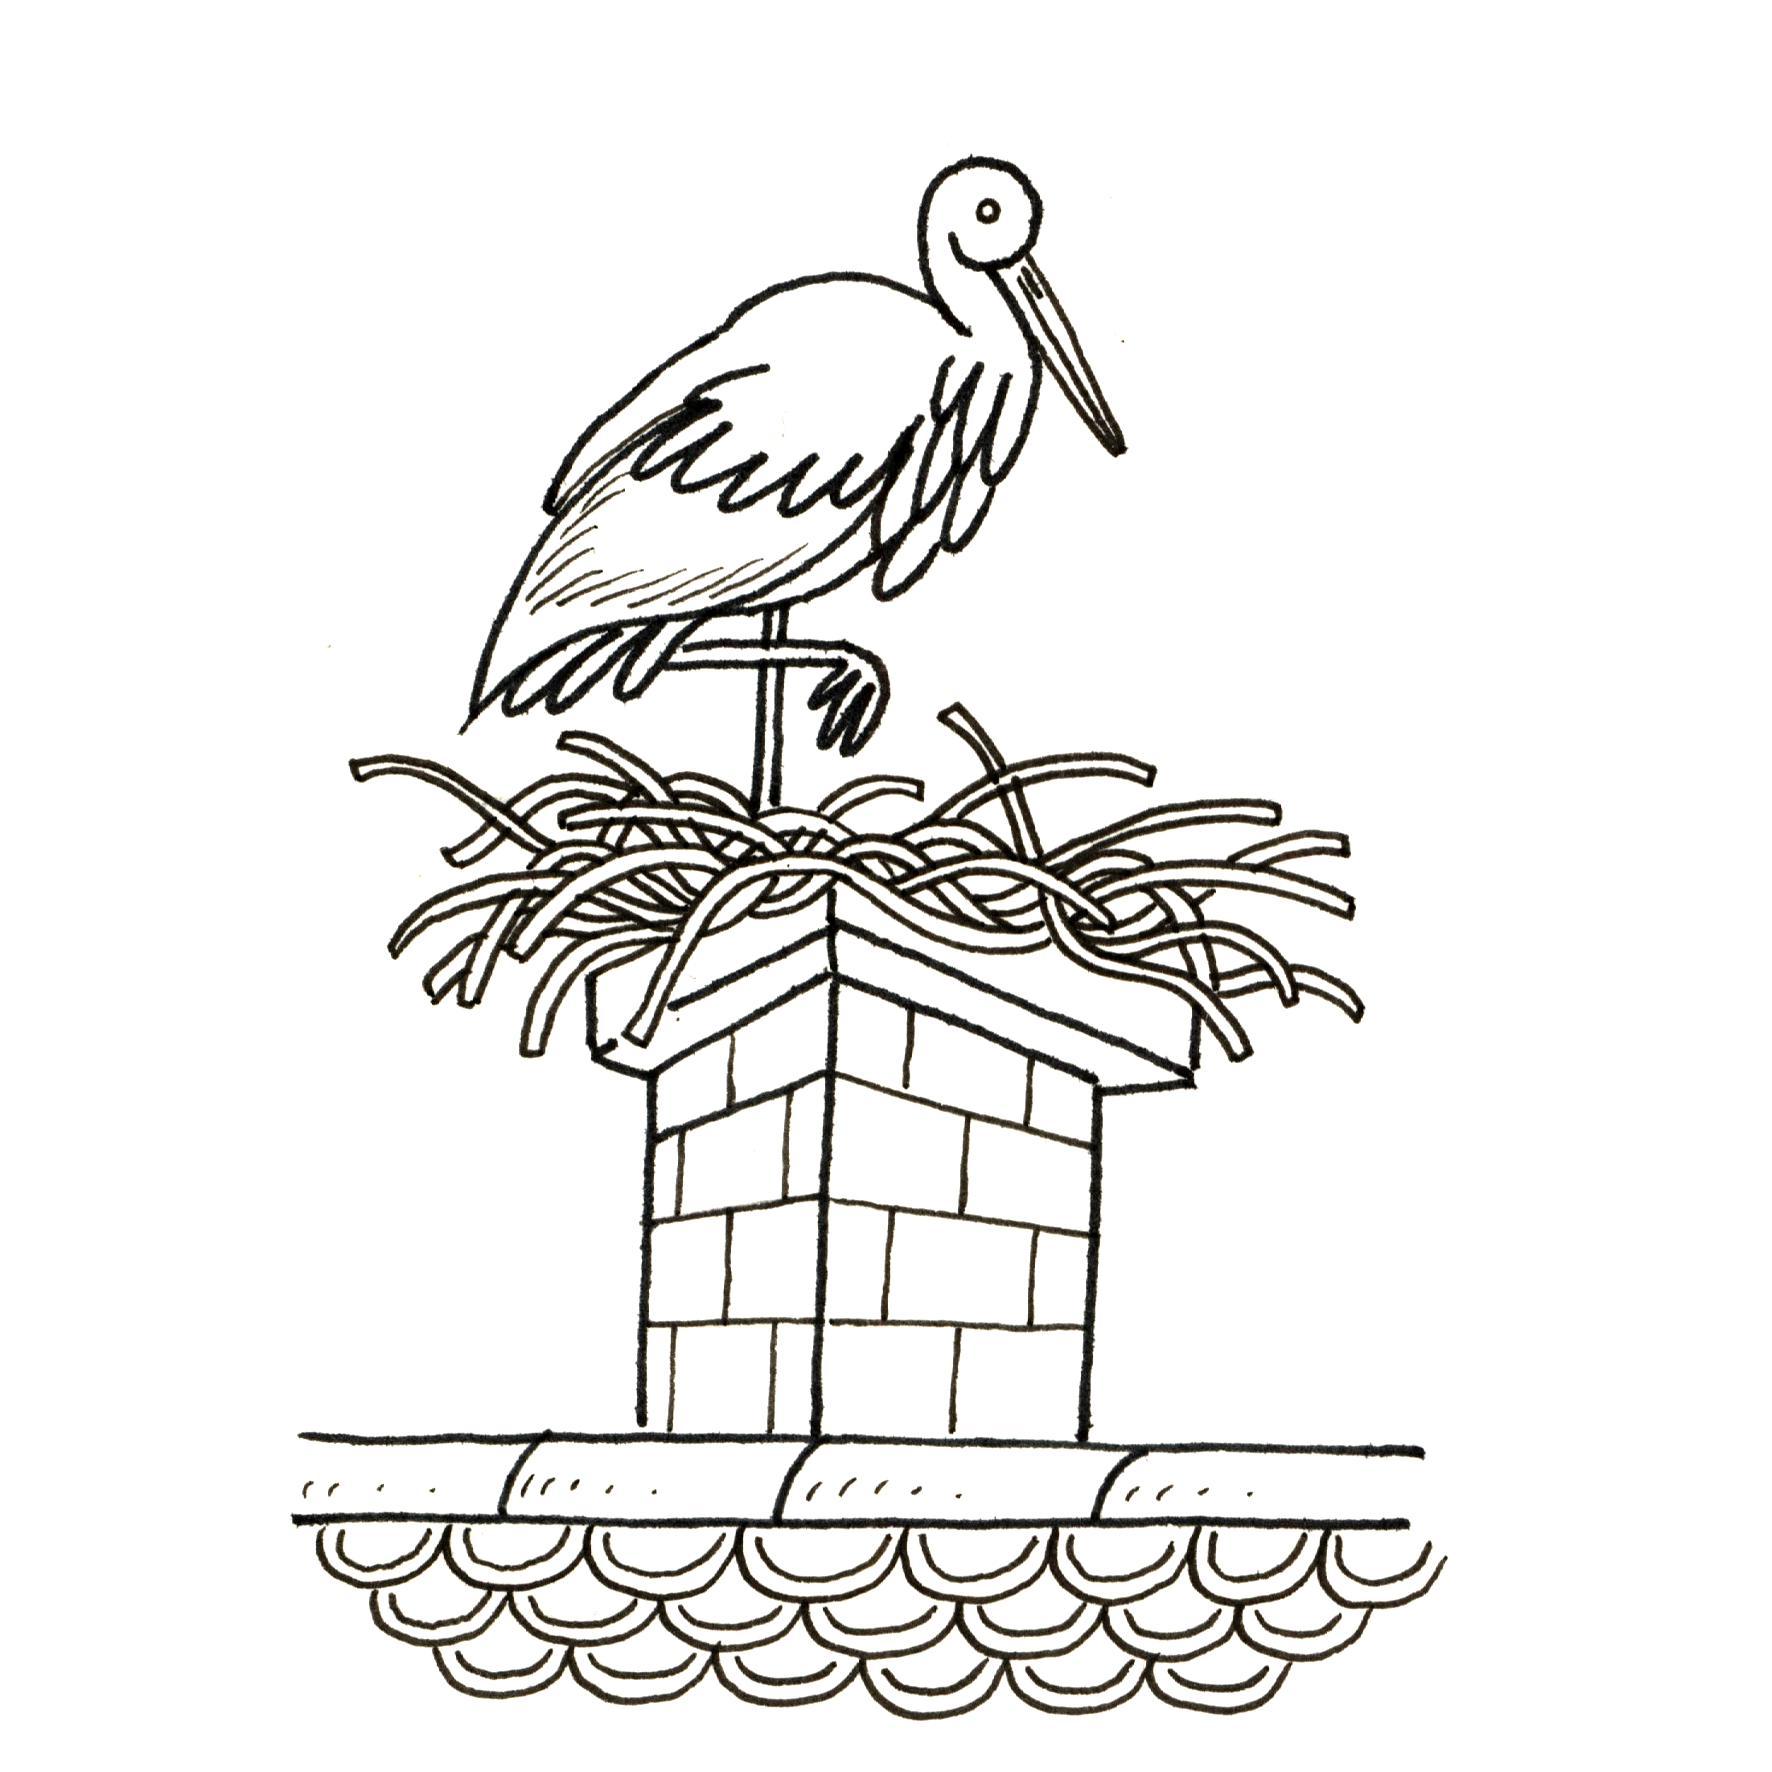 Ressources ducatives libres les ressources libres du projet abul du - Cigogne dessin ...